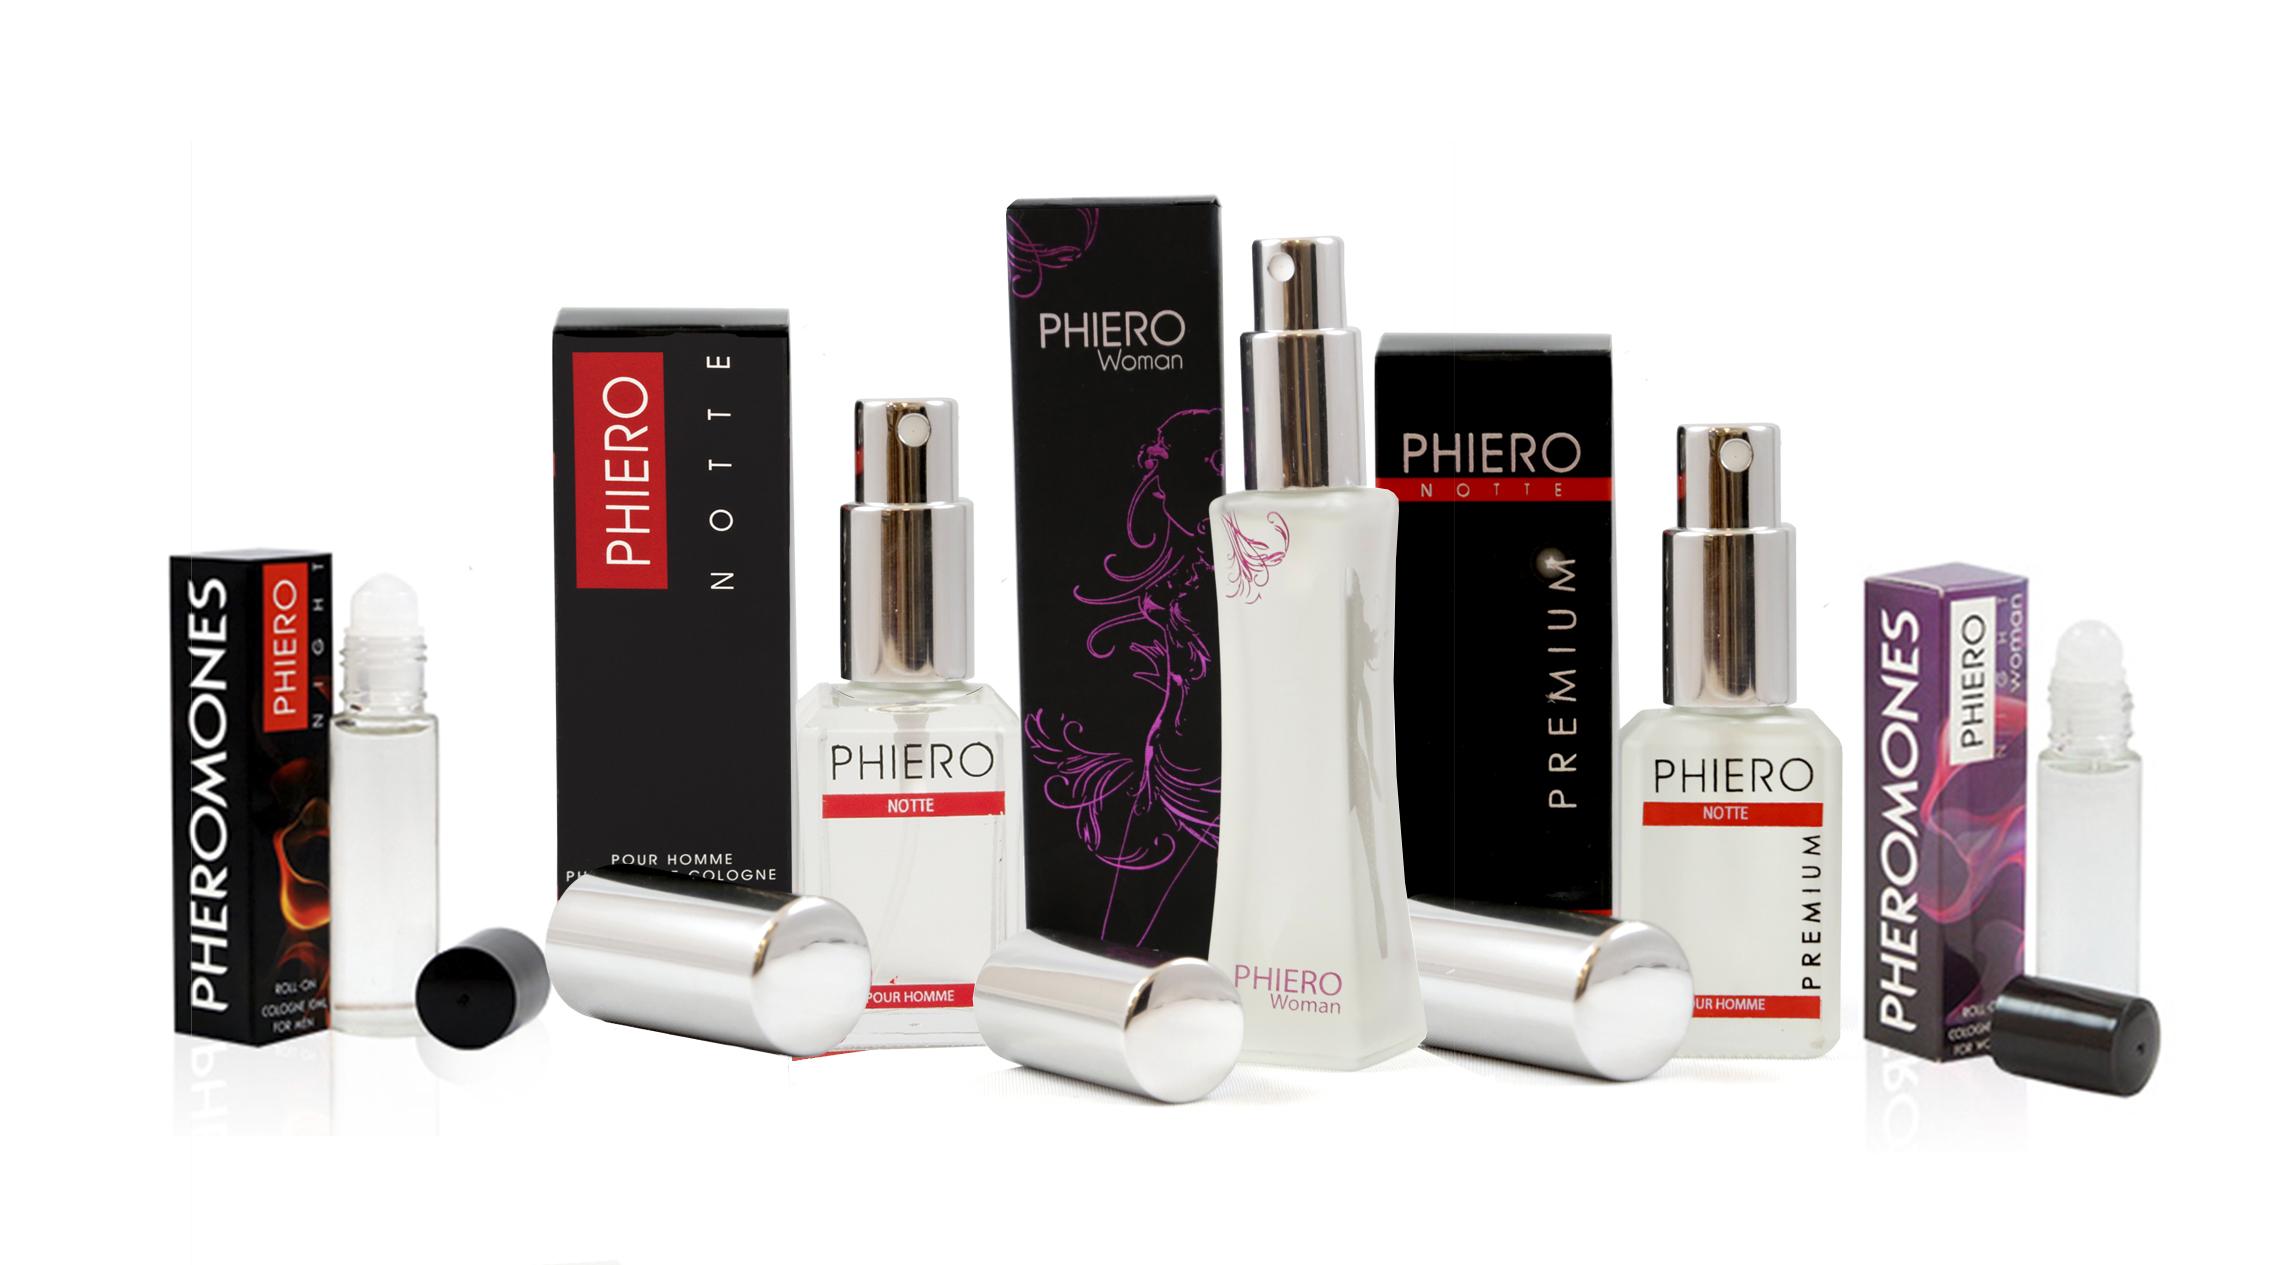 Feromonas para atraer hombres y mujeres con los perfumes de Phiero